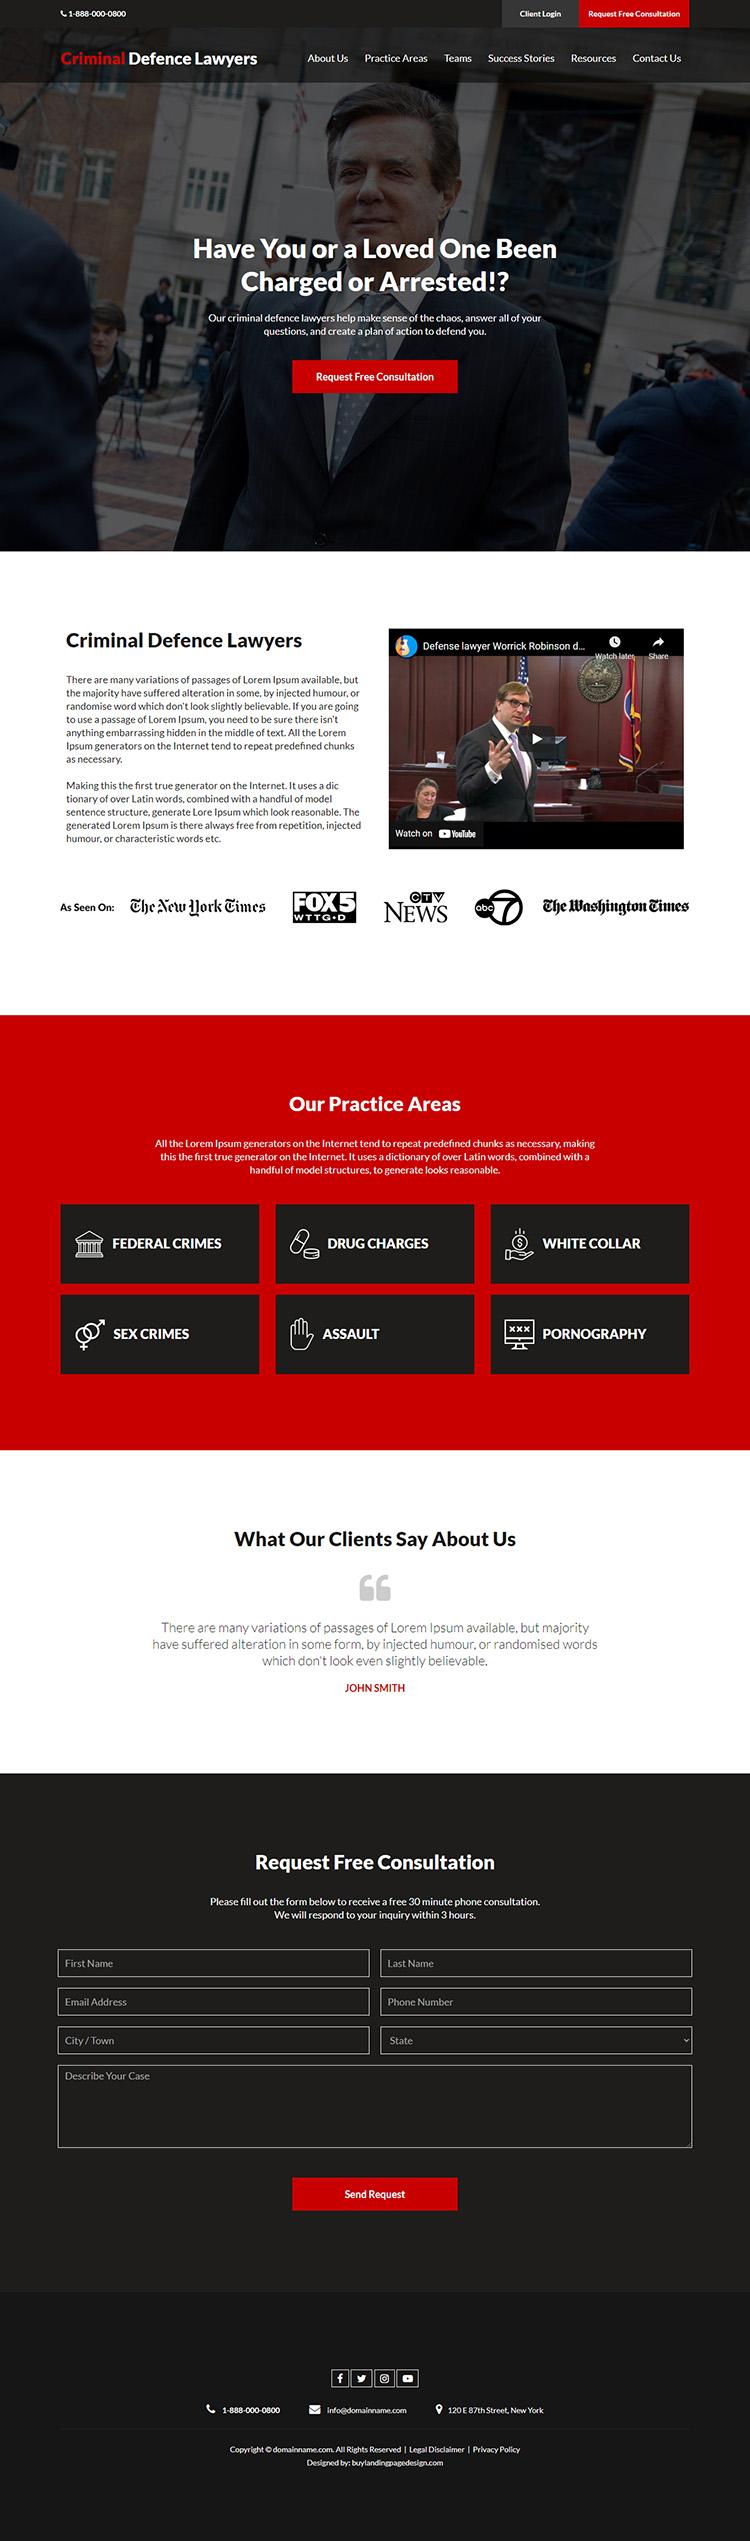 criminal defence lawyer responsive website design